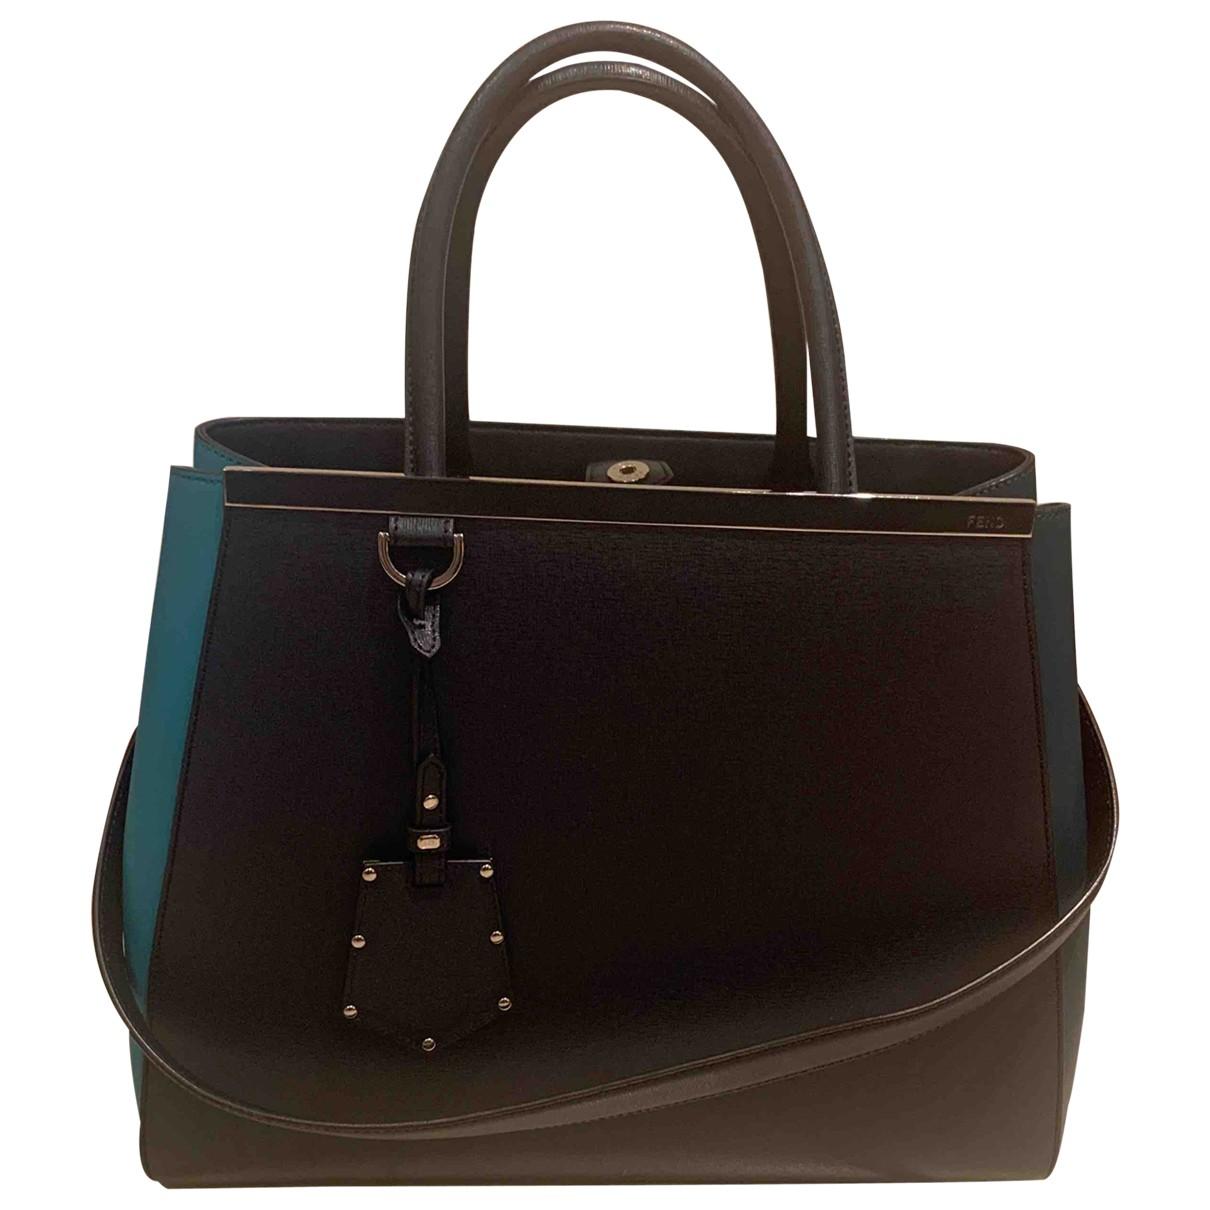 Fendi 2Jours Blue Leather handbag for Women N